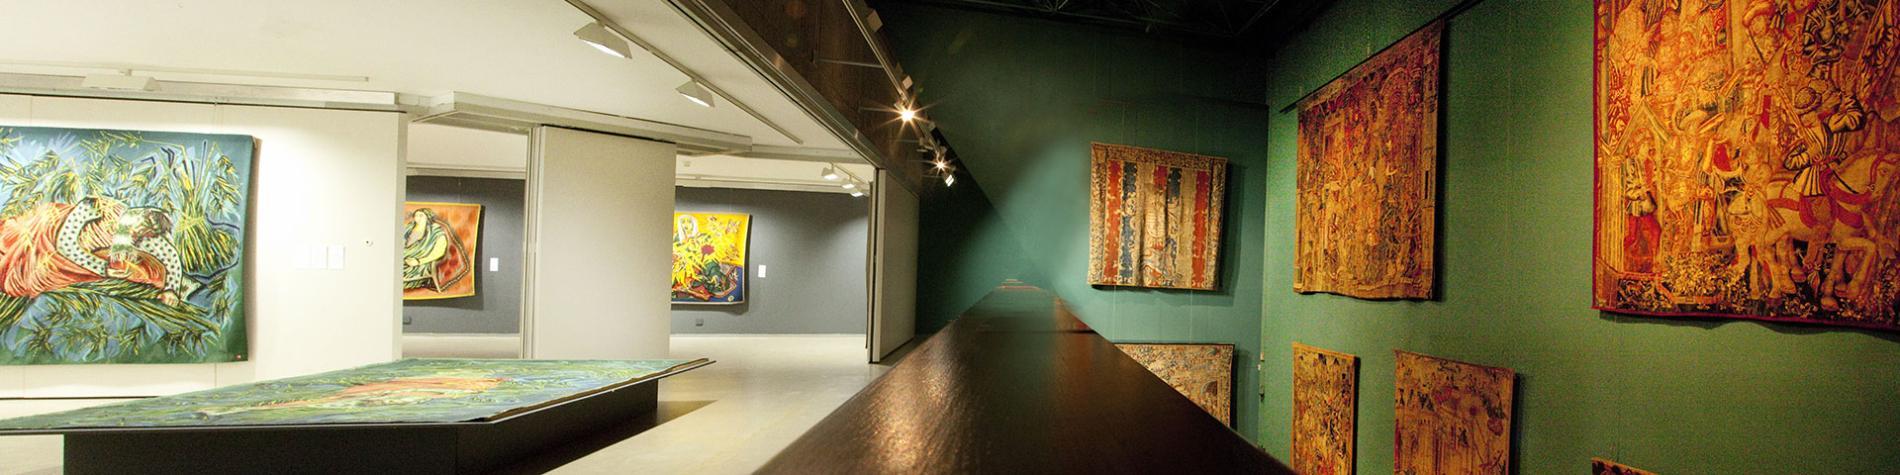 TAMAT, centre contemporain des arts textiles - Tapisserie